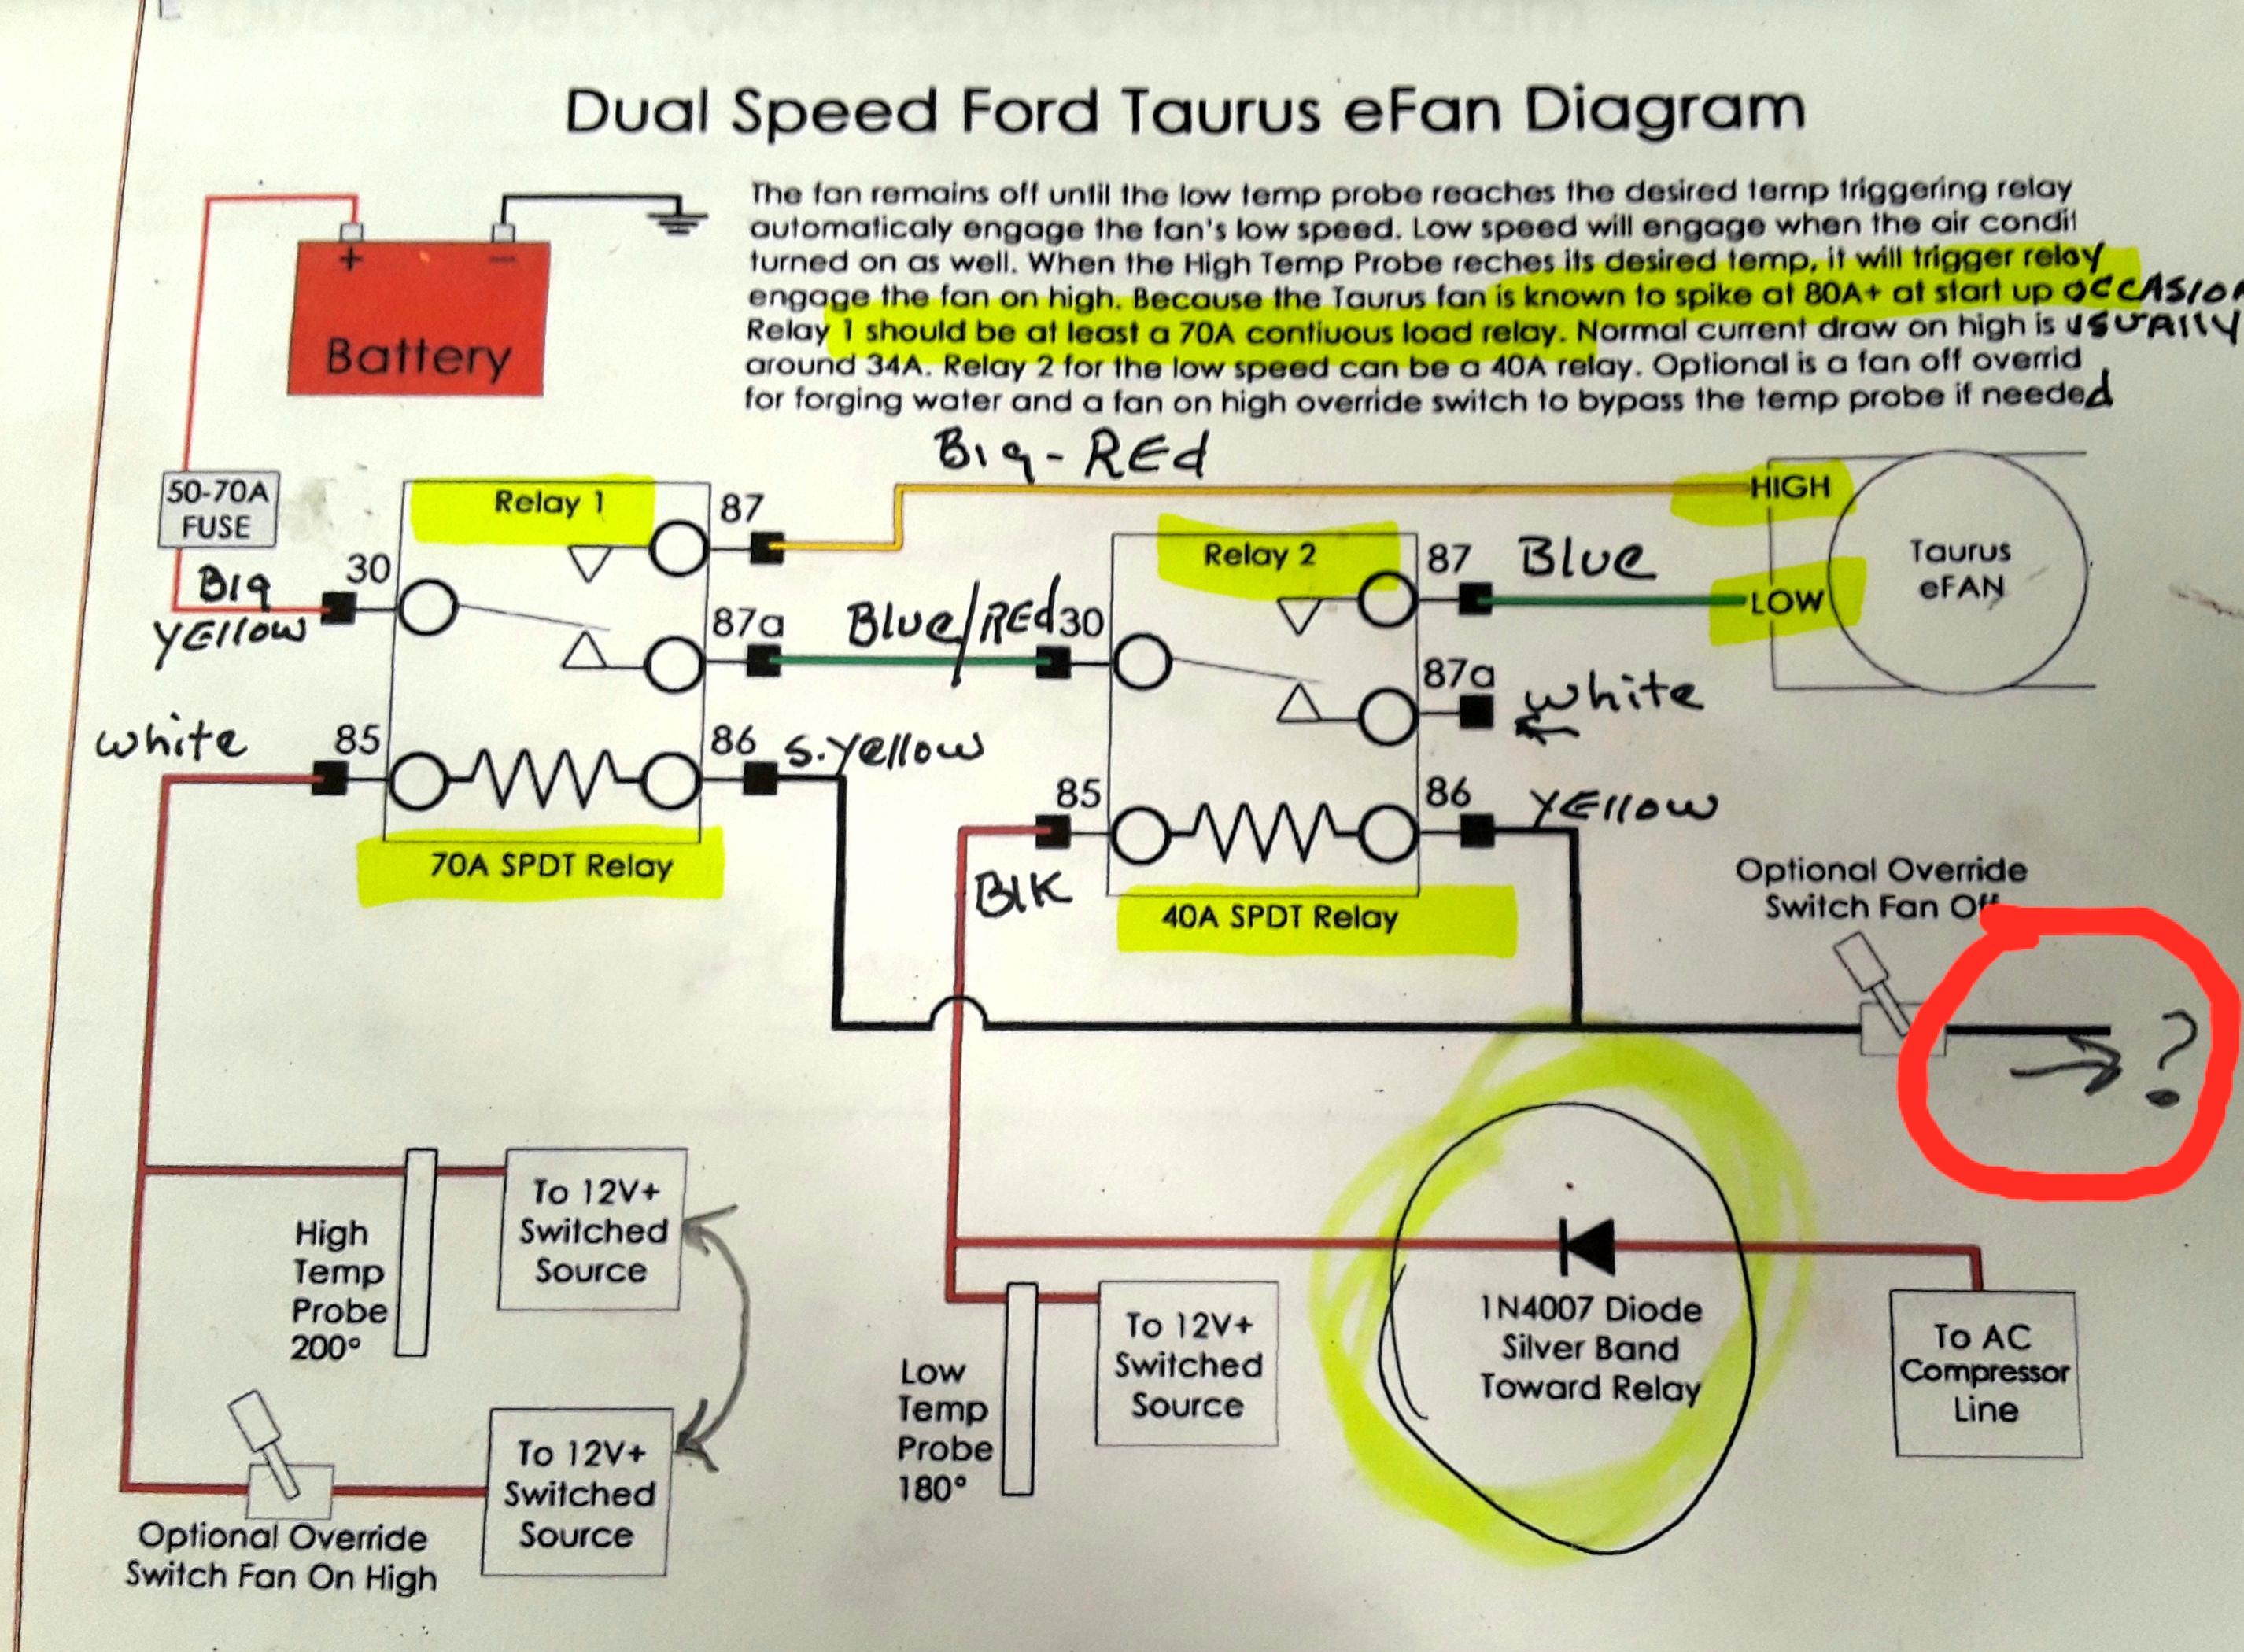 ford taurus 2 speed fan s 10 forum dual cooling fan wiring diagram electric fan blazer forum chevy